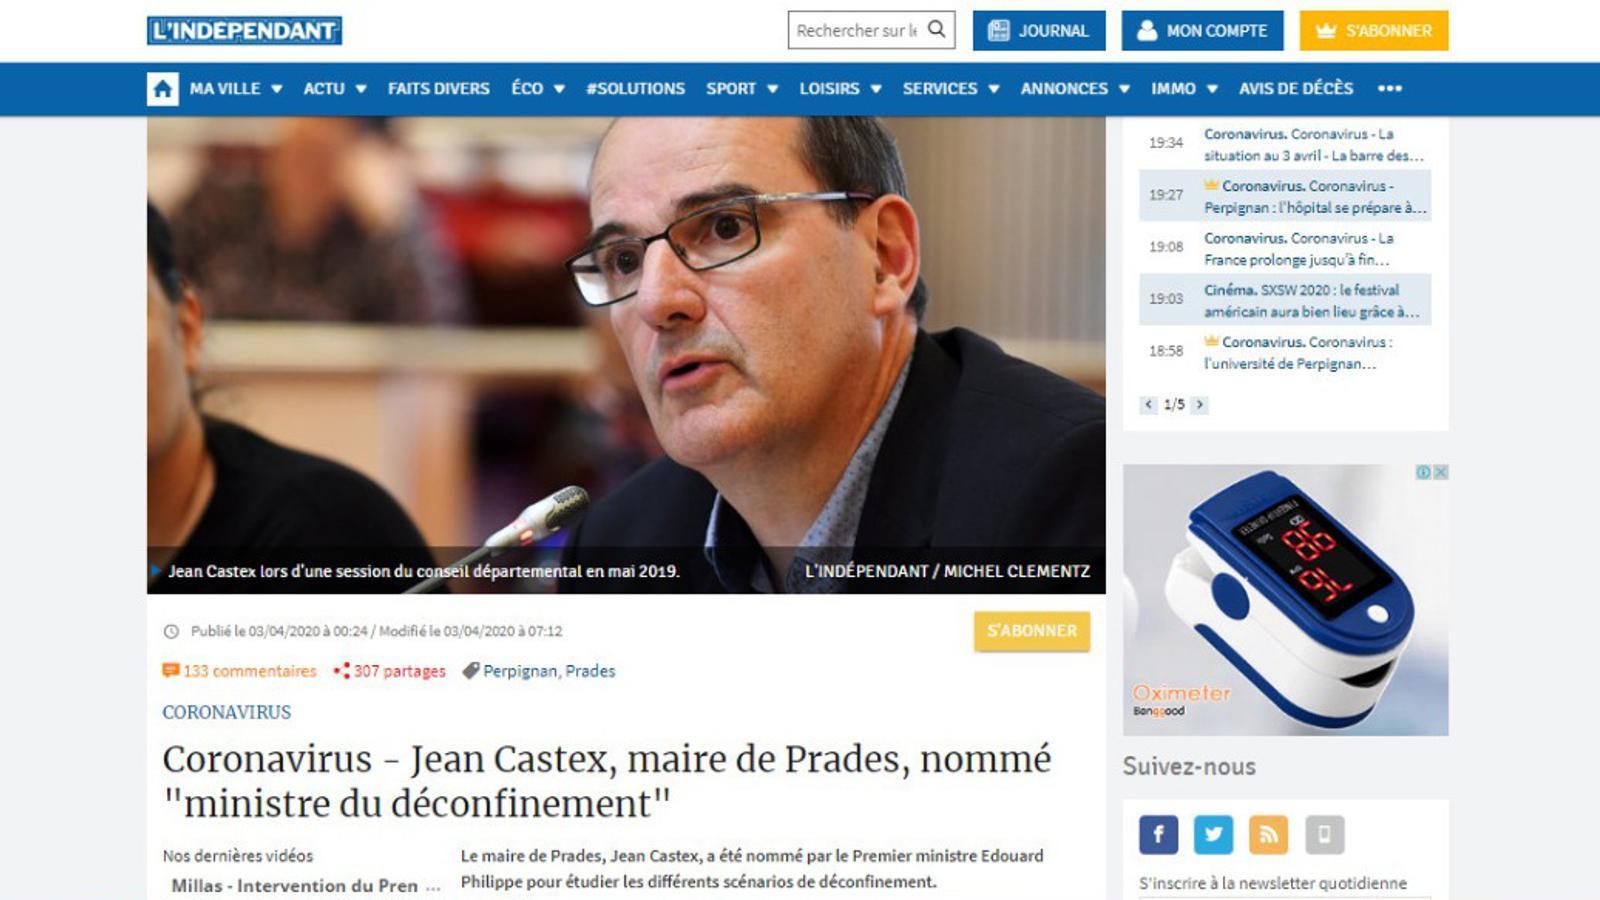 Pàgina web de l'Indépendant.